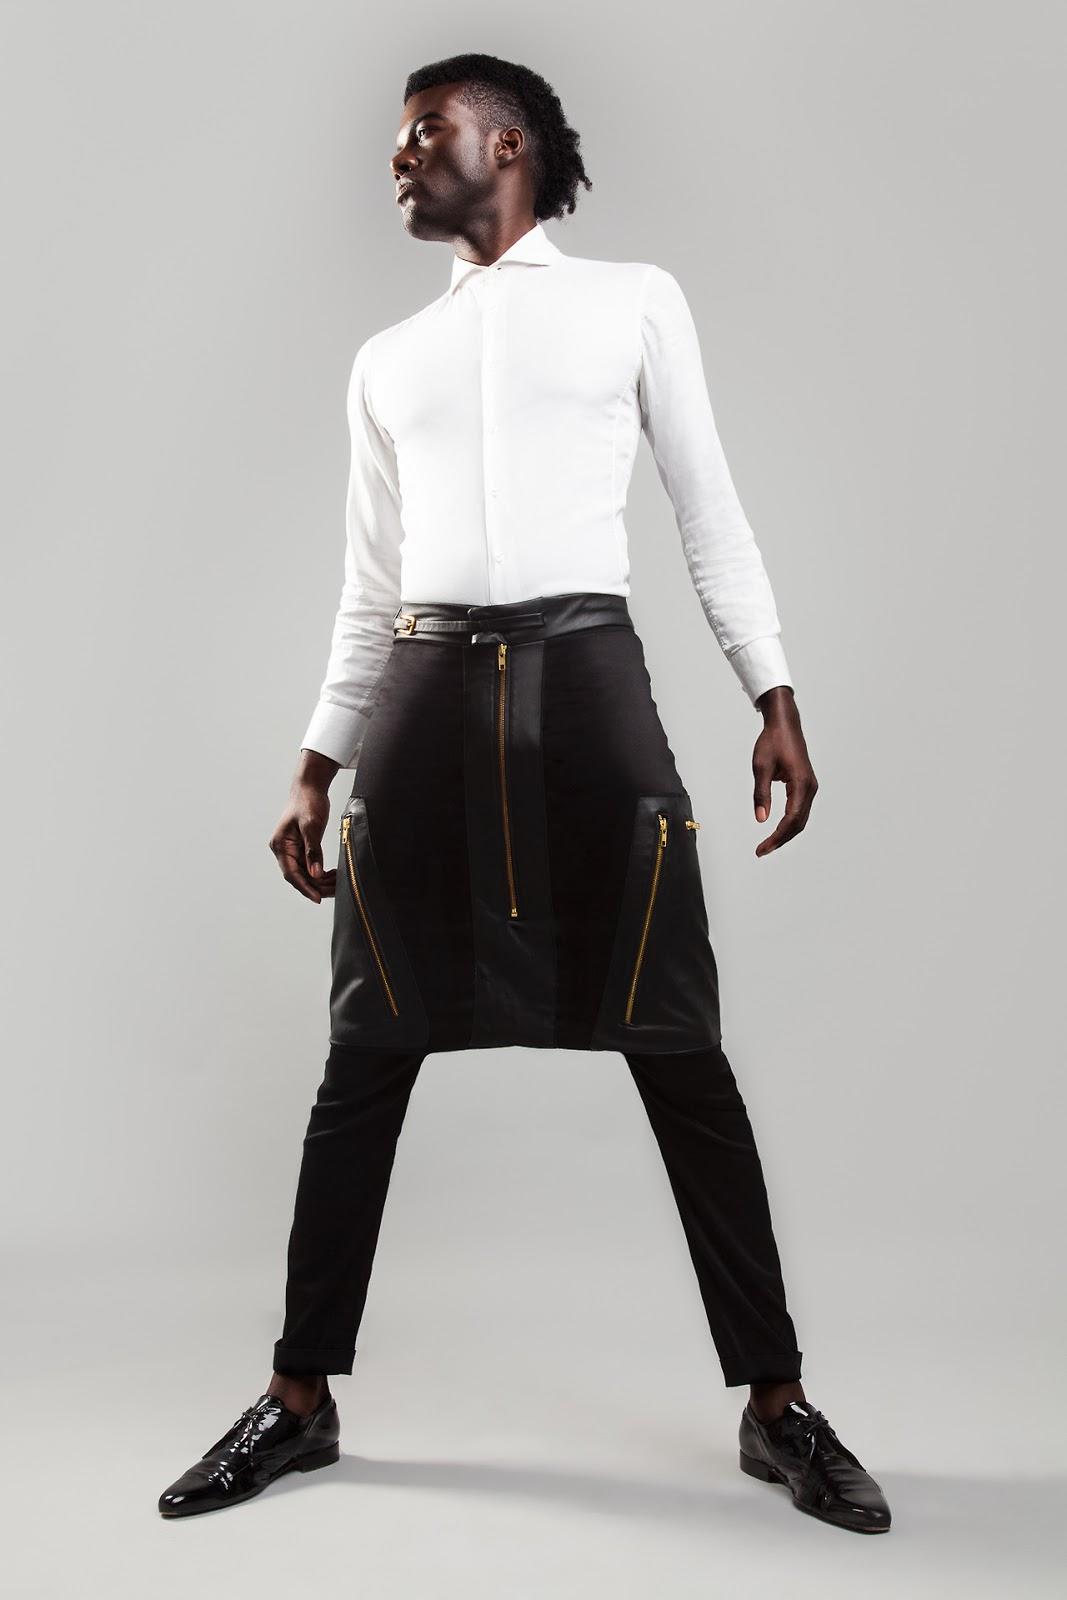 Ghana Fahion styles